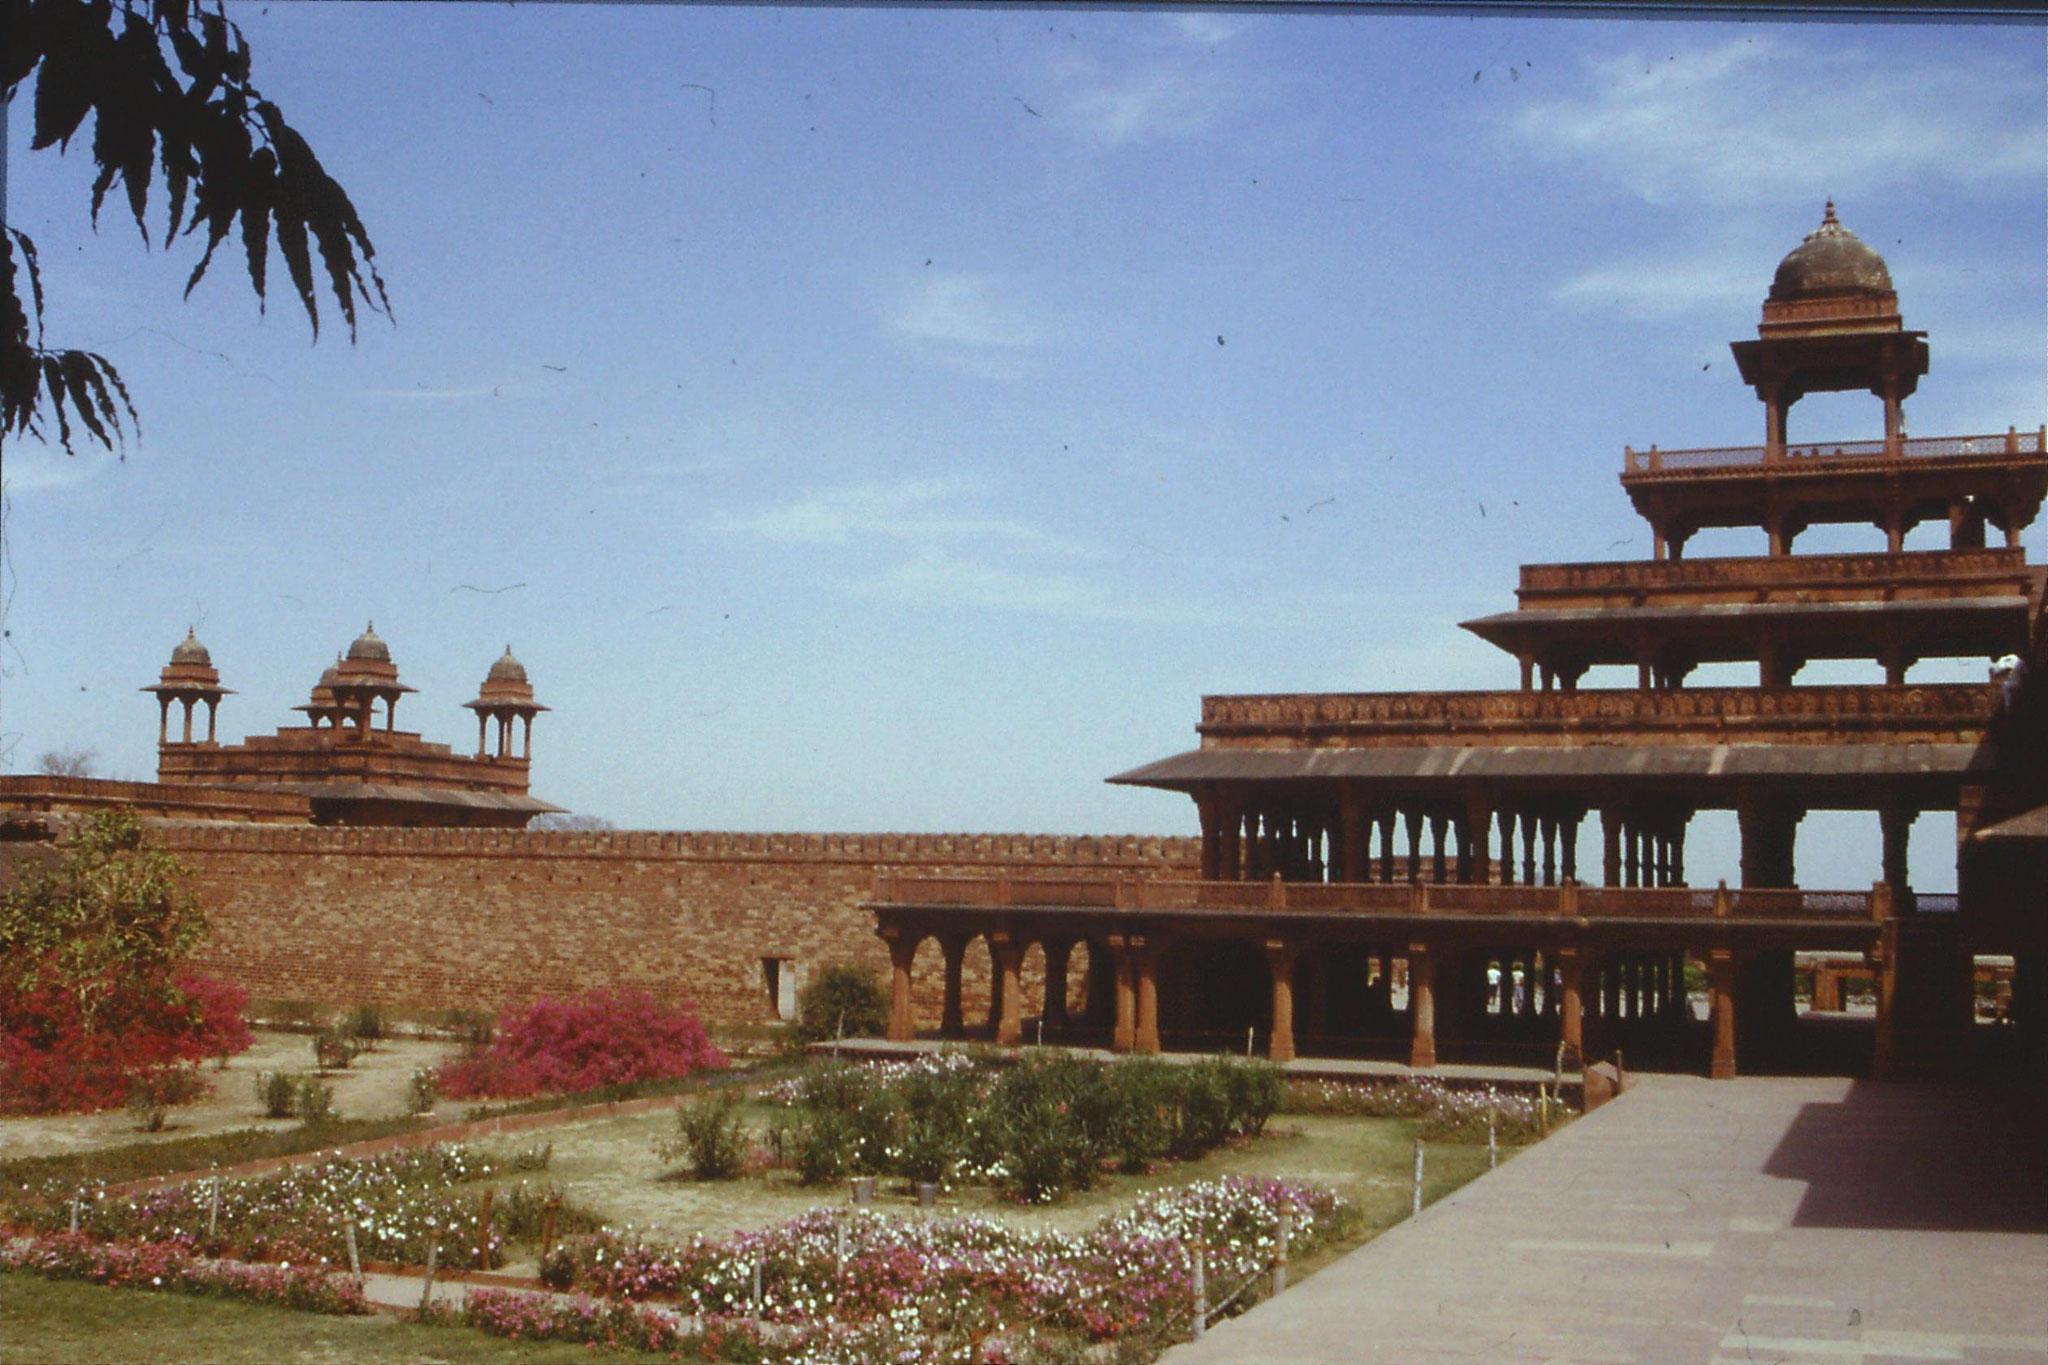 109/11: 31/3/1990 Fatehpur Sikri - Panch Mahal (L) & Diwani Khas (R)